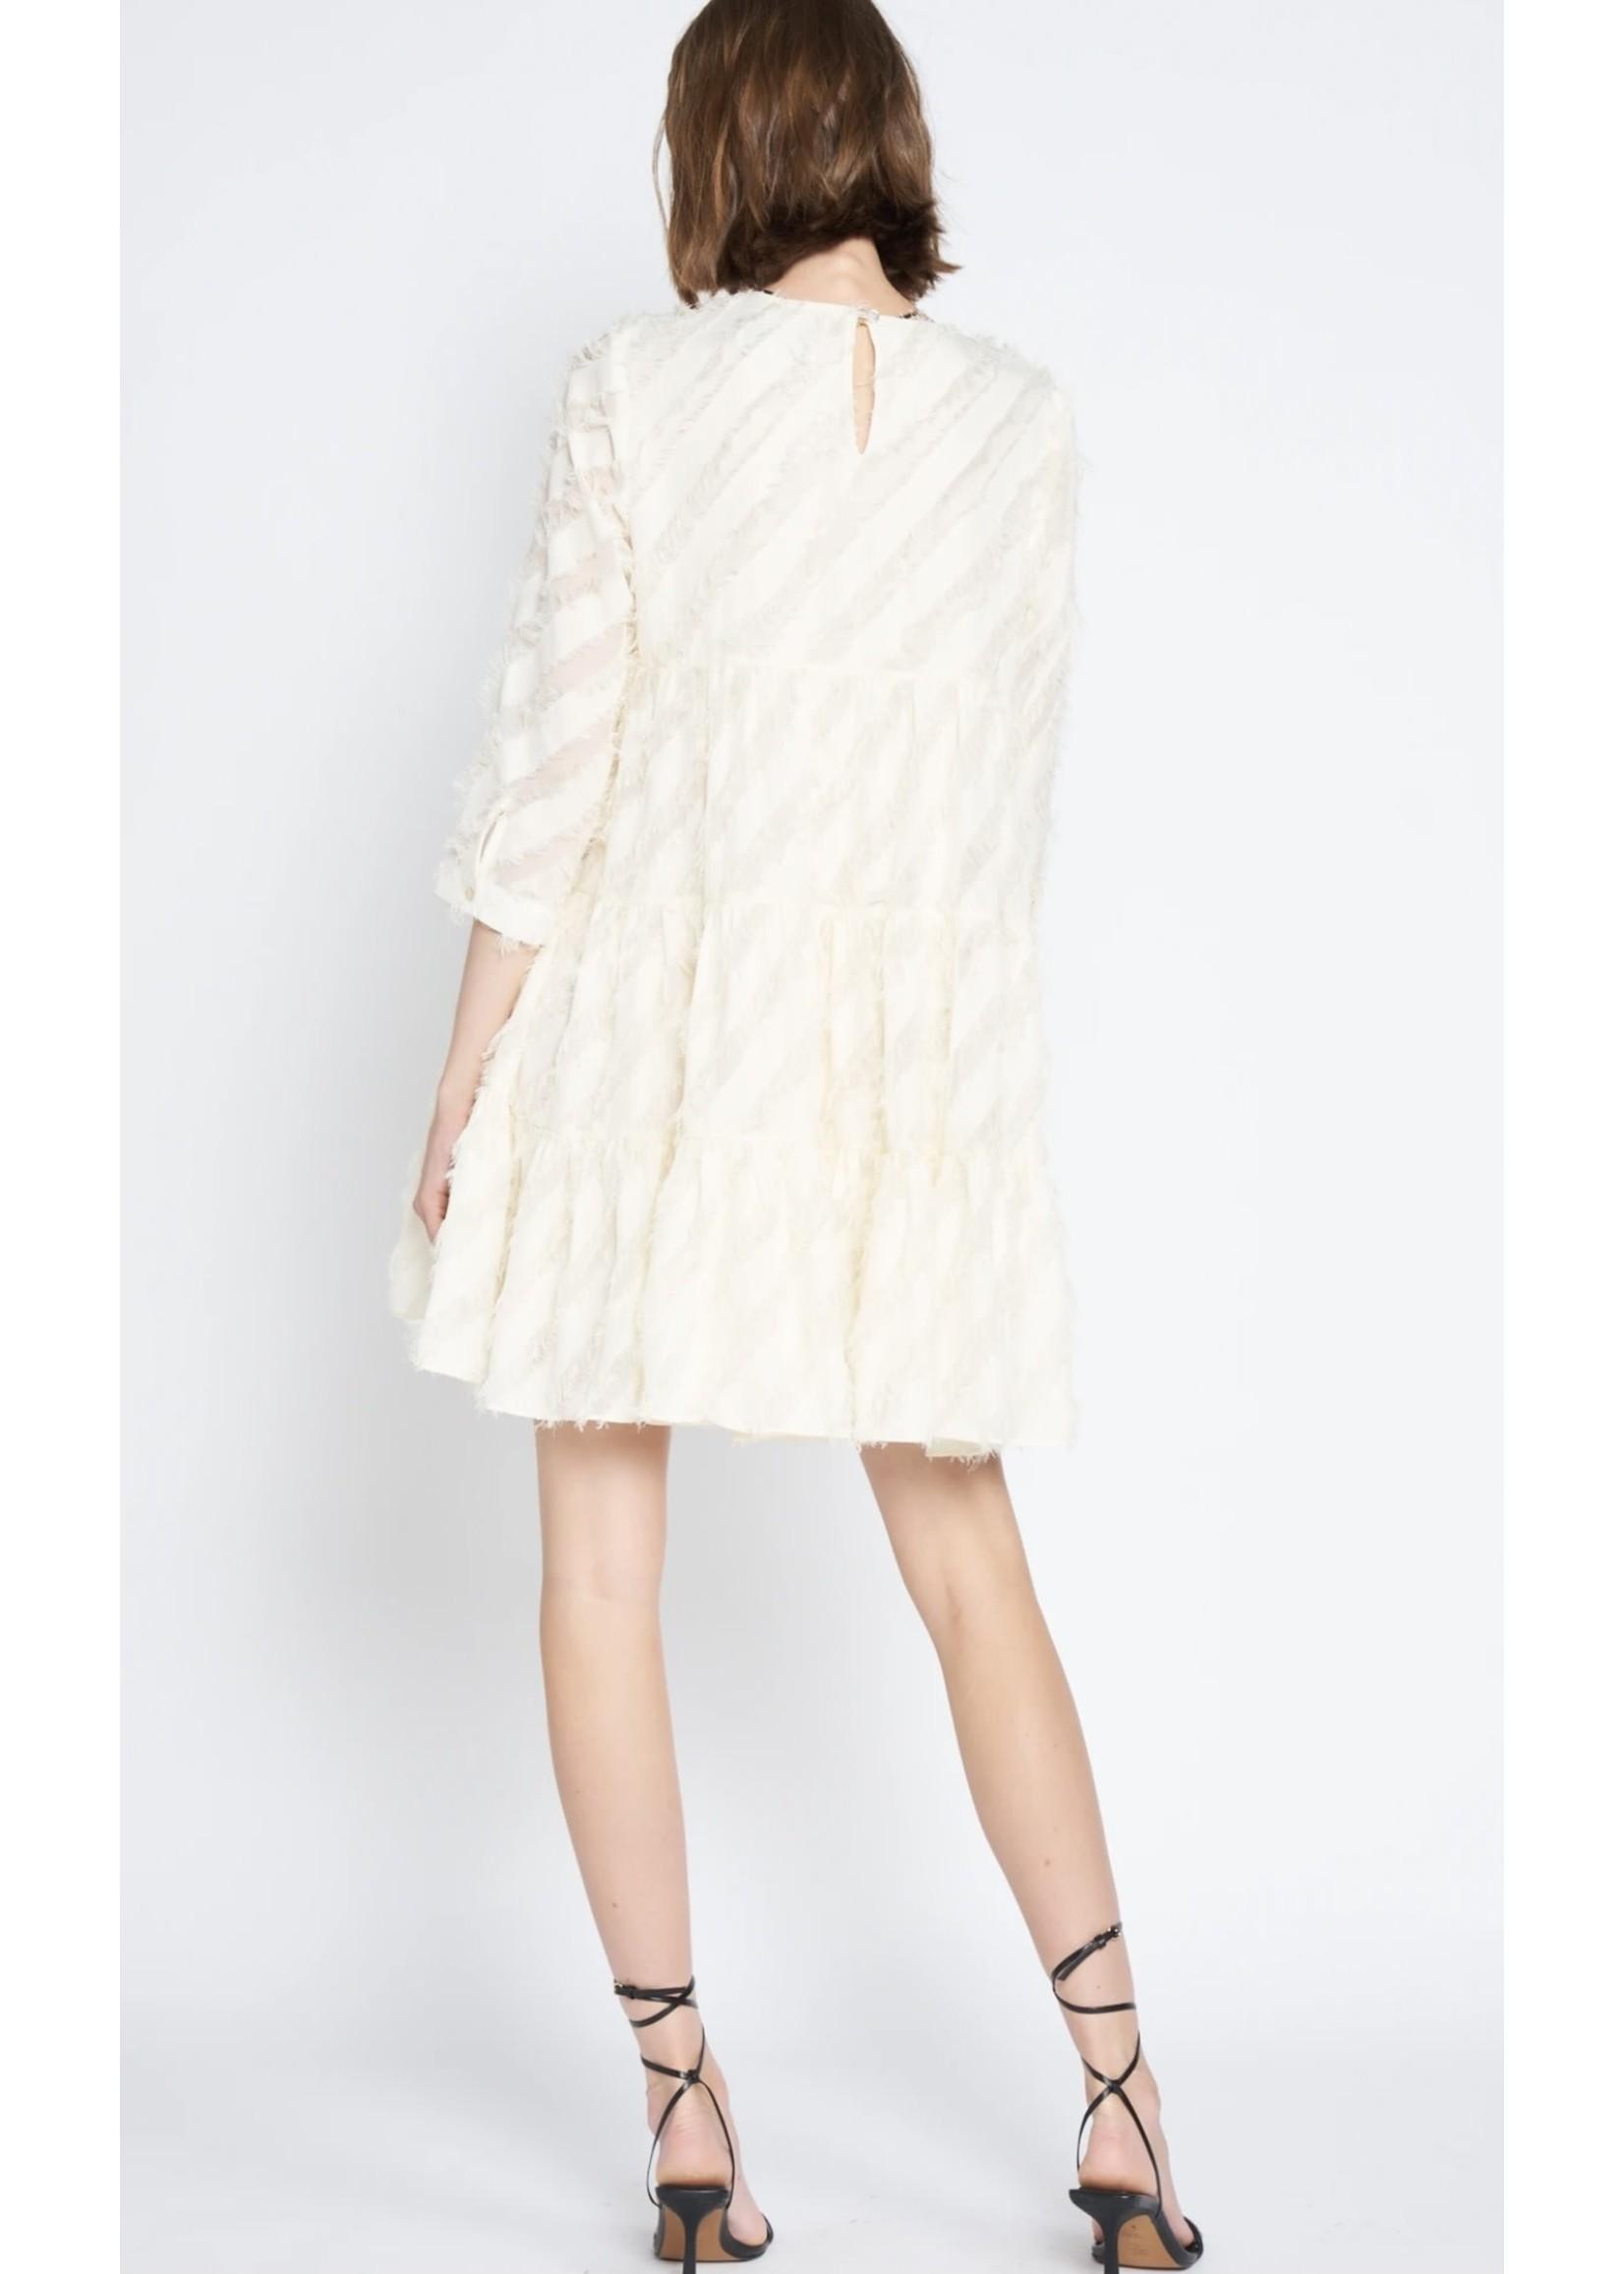 En Saison Textured Chiffon Dress - IES2023D